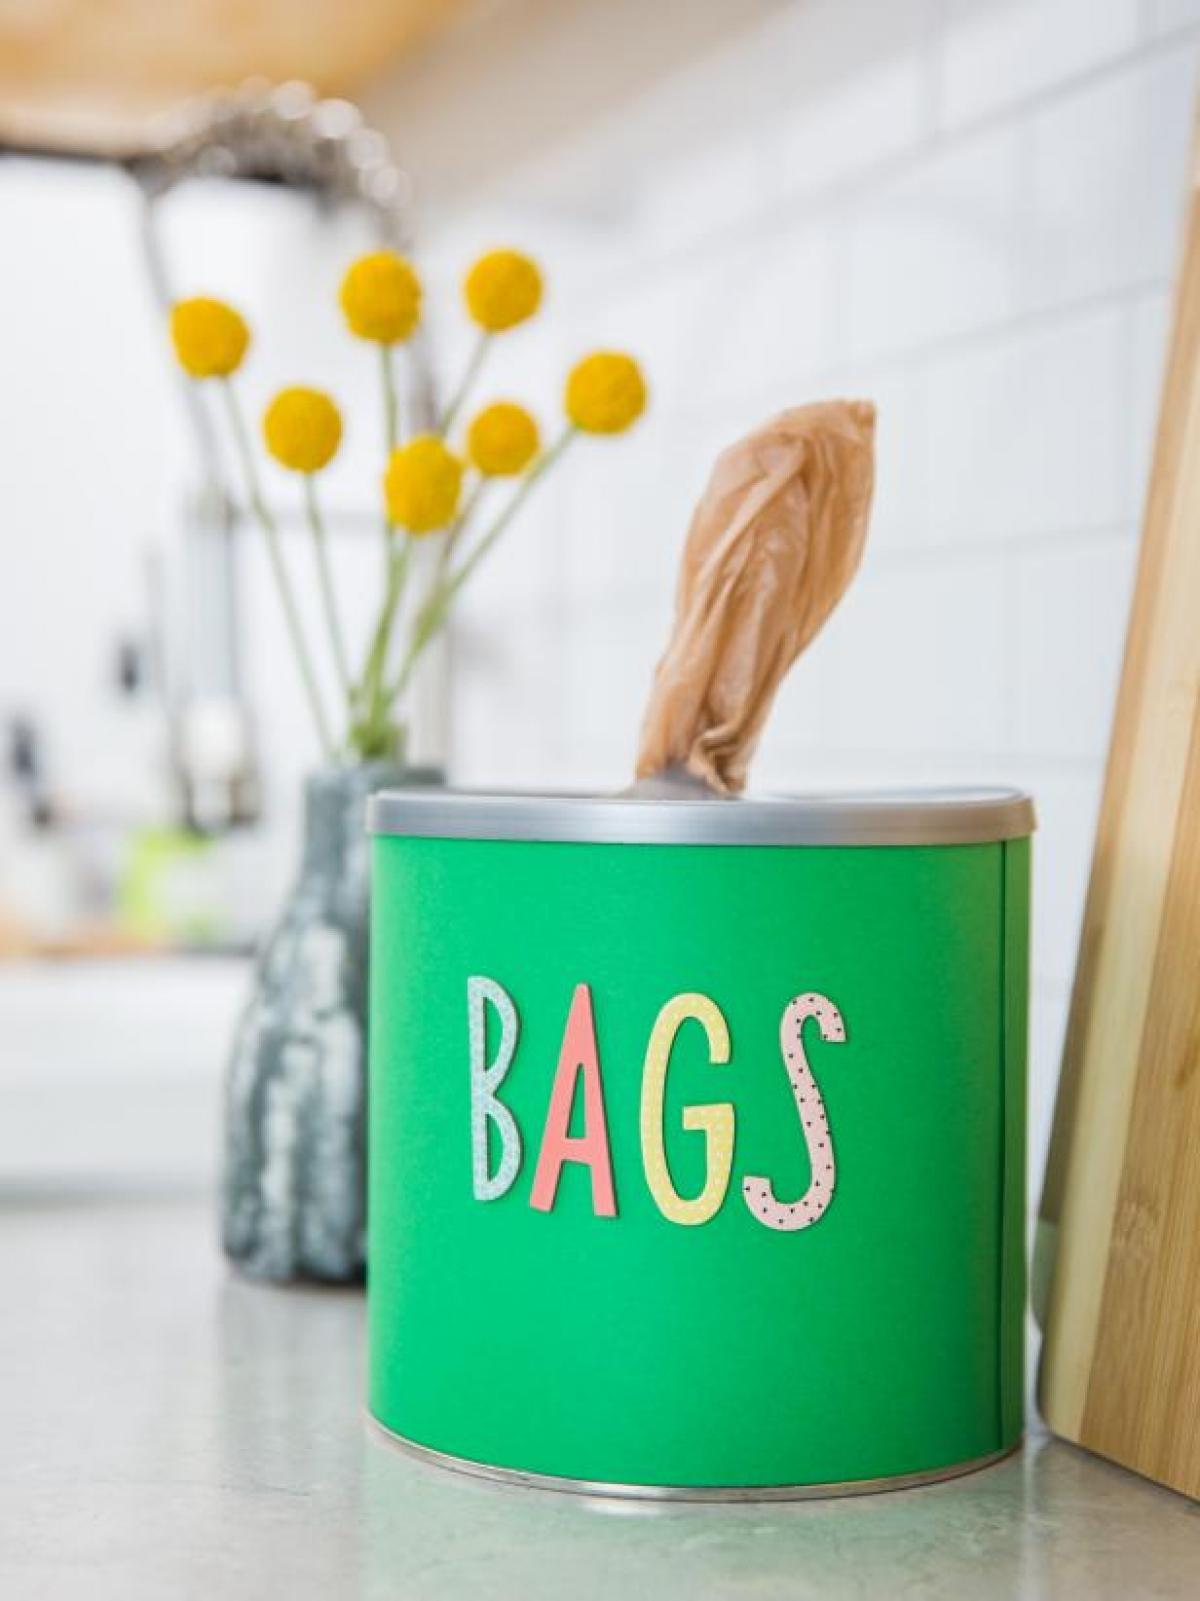 Cất gọn túi nhựa:Hãy tìm một chiếc hộp để đựng những túi nhựa bạn sẽ sử dụng, hoặc bạn có thể tự tay làm chúng với những vật liệu vô cùng đơn giản. Sử dụng một chiếc hộp sắt hoặc bất cứ hộp đựng nào bạn có, sau đó dùng dao tạo một lỗ nhỏ ở phía trên cùng của hộp. Vậy là xong, bạn chỉ việc vo túi nhựa lại thành một vòng tròn (như túi ngủ di động) và cho vào hộp để sử dụng. Vừa gọn gàng vừa tiện lợi đúng không nào?